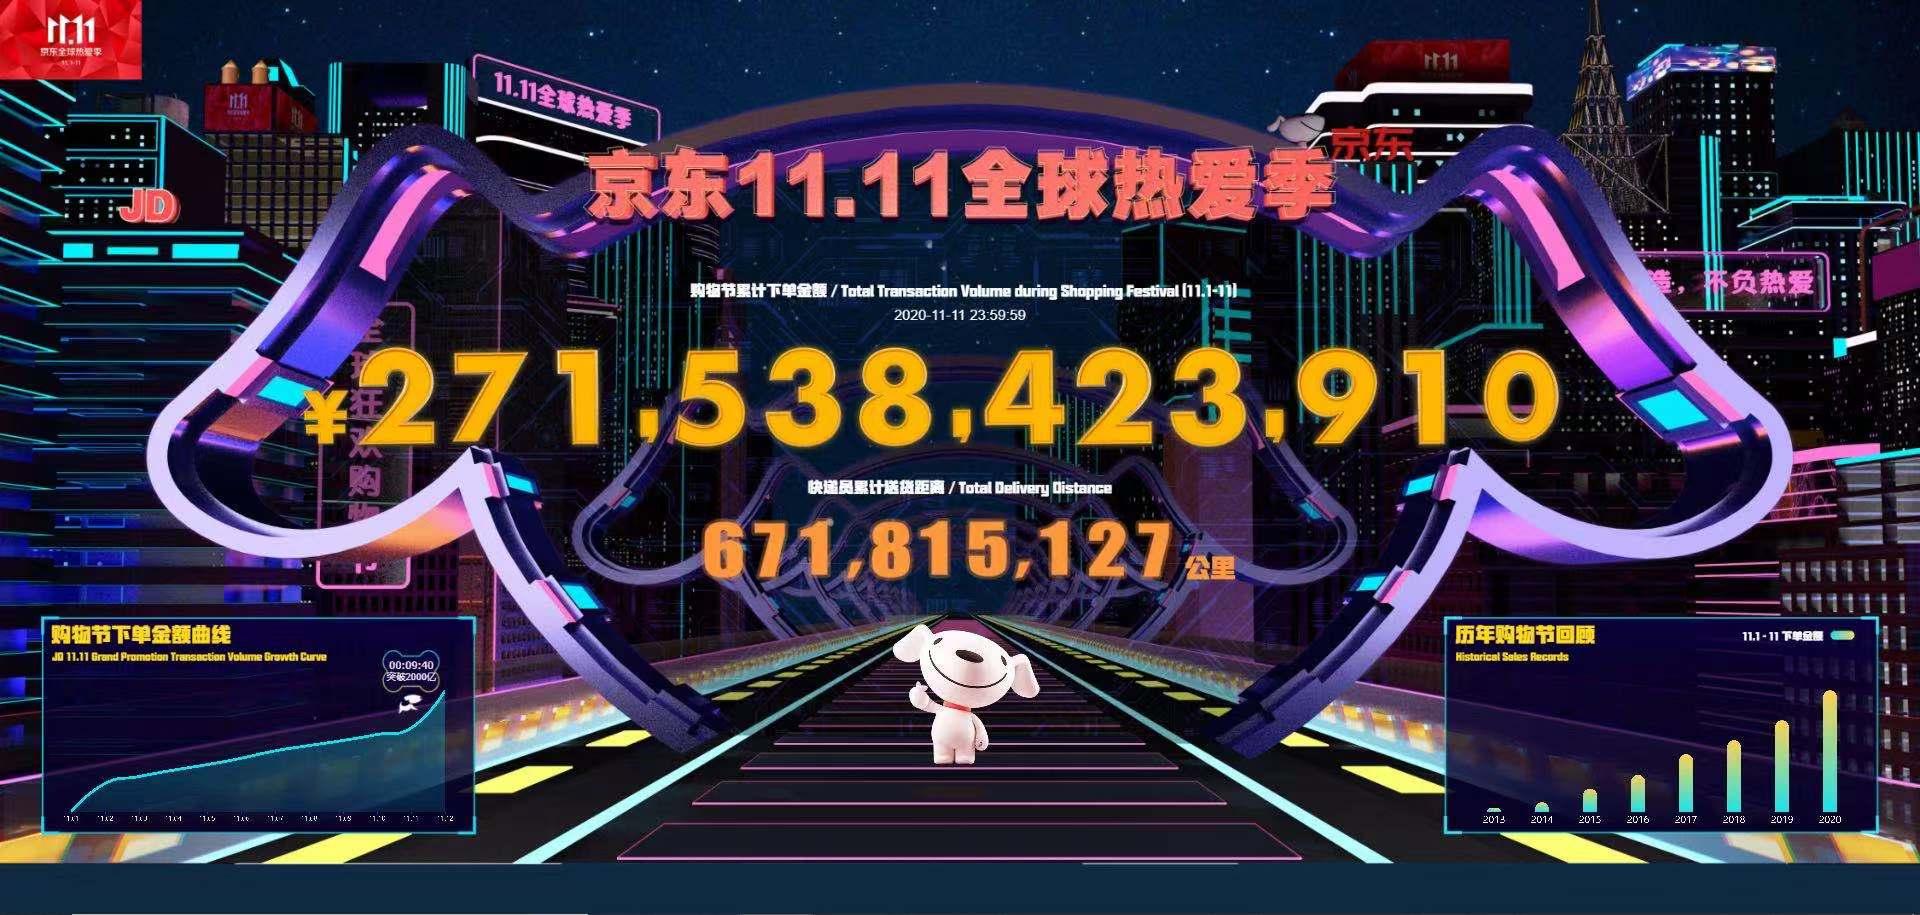 回顾 | 2020京东双11交易全记录:累计下单金额2715亿元 创近年来最高增长